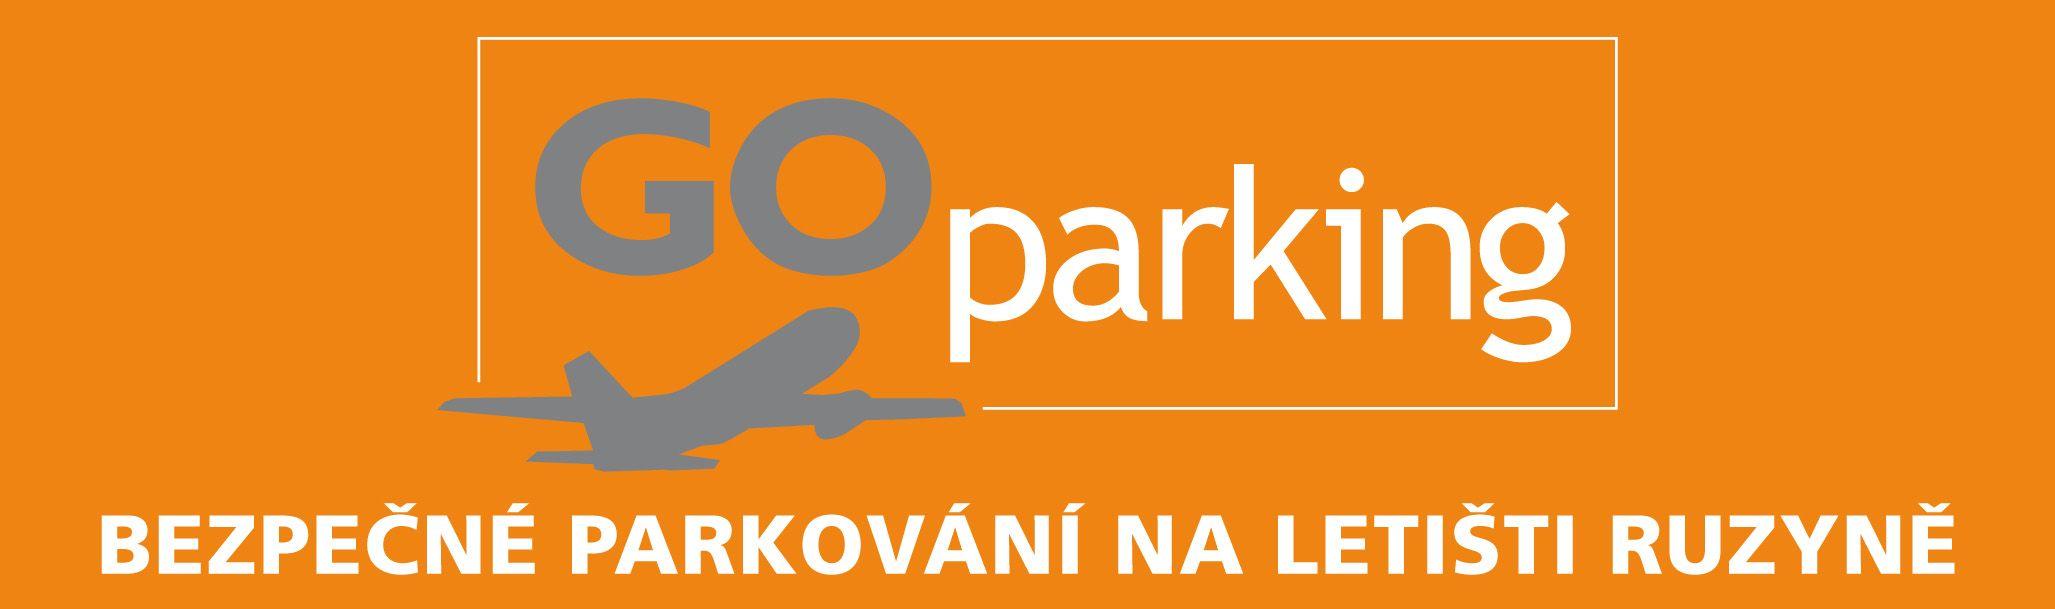 goparking banner 01